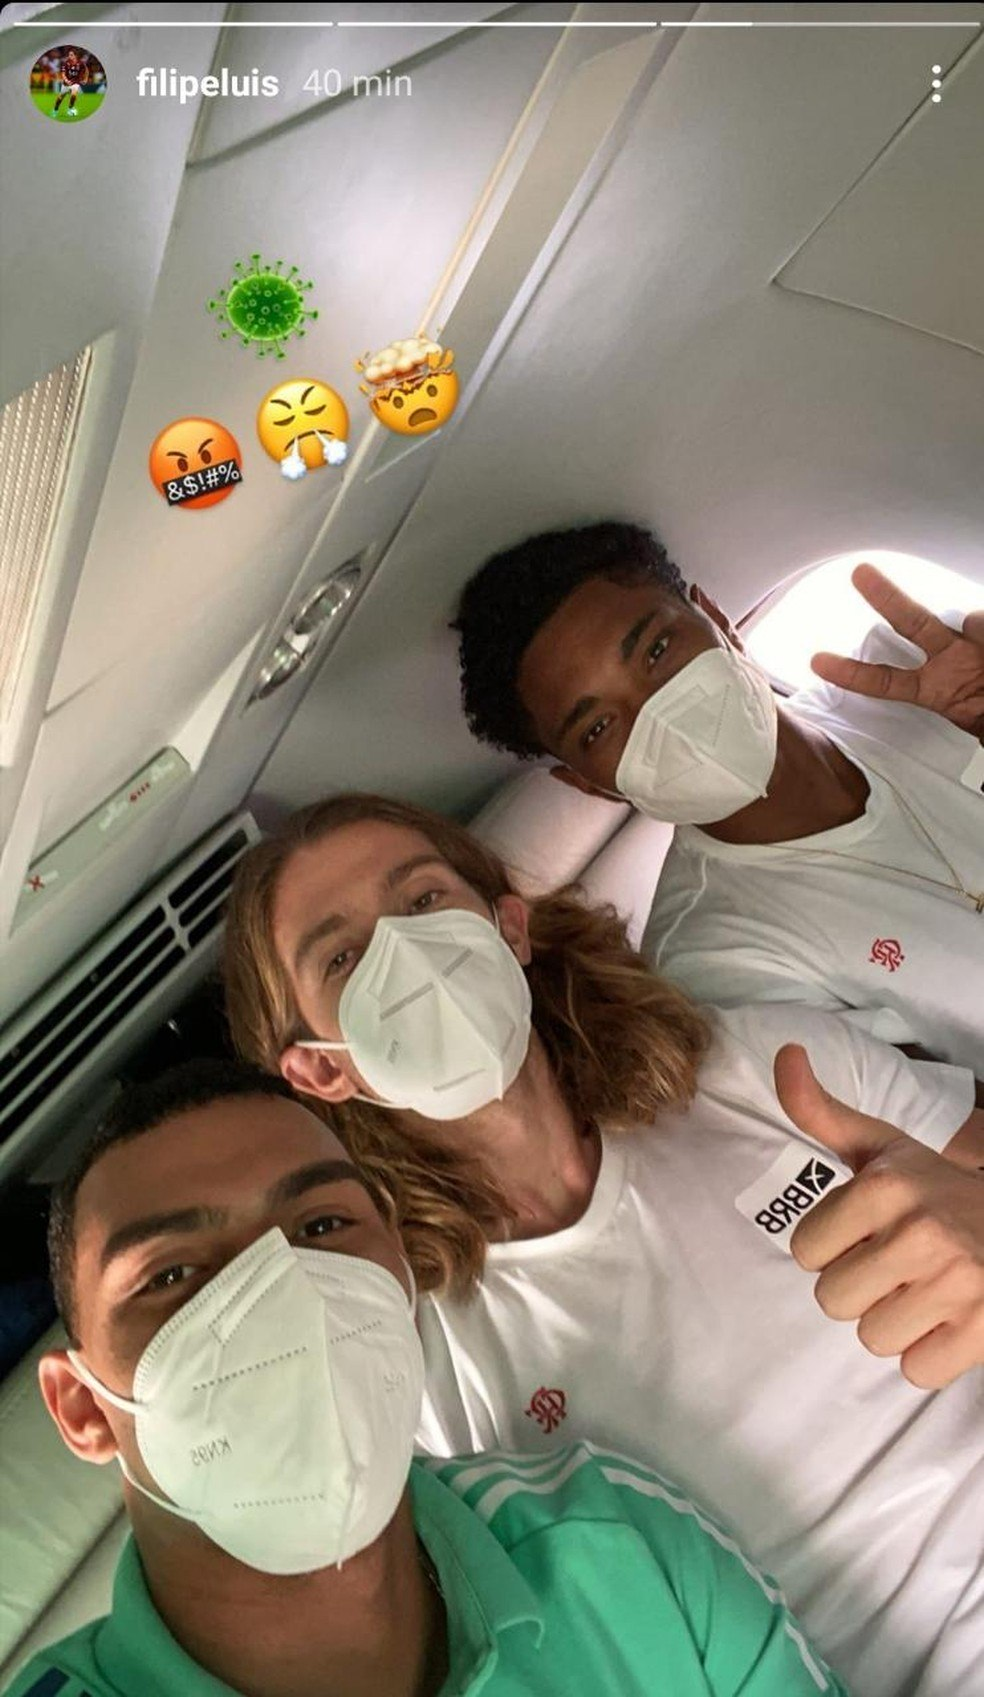 Jogadores do Flamengo infectados. Quarentena de duas semanas